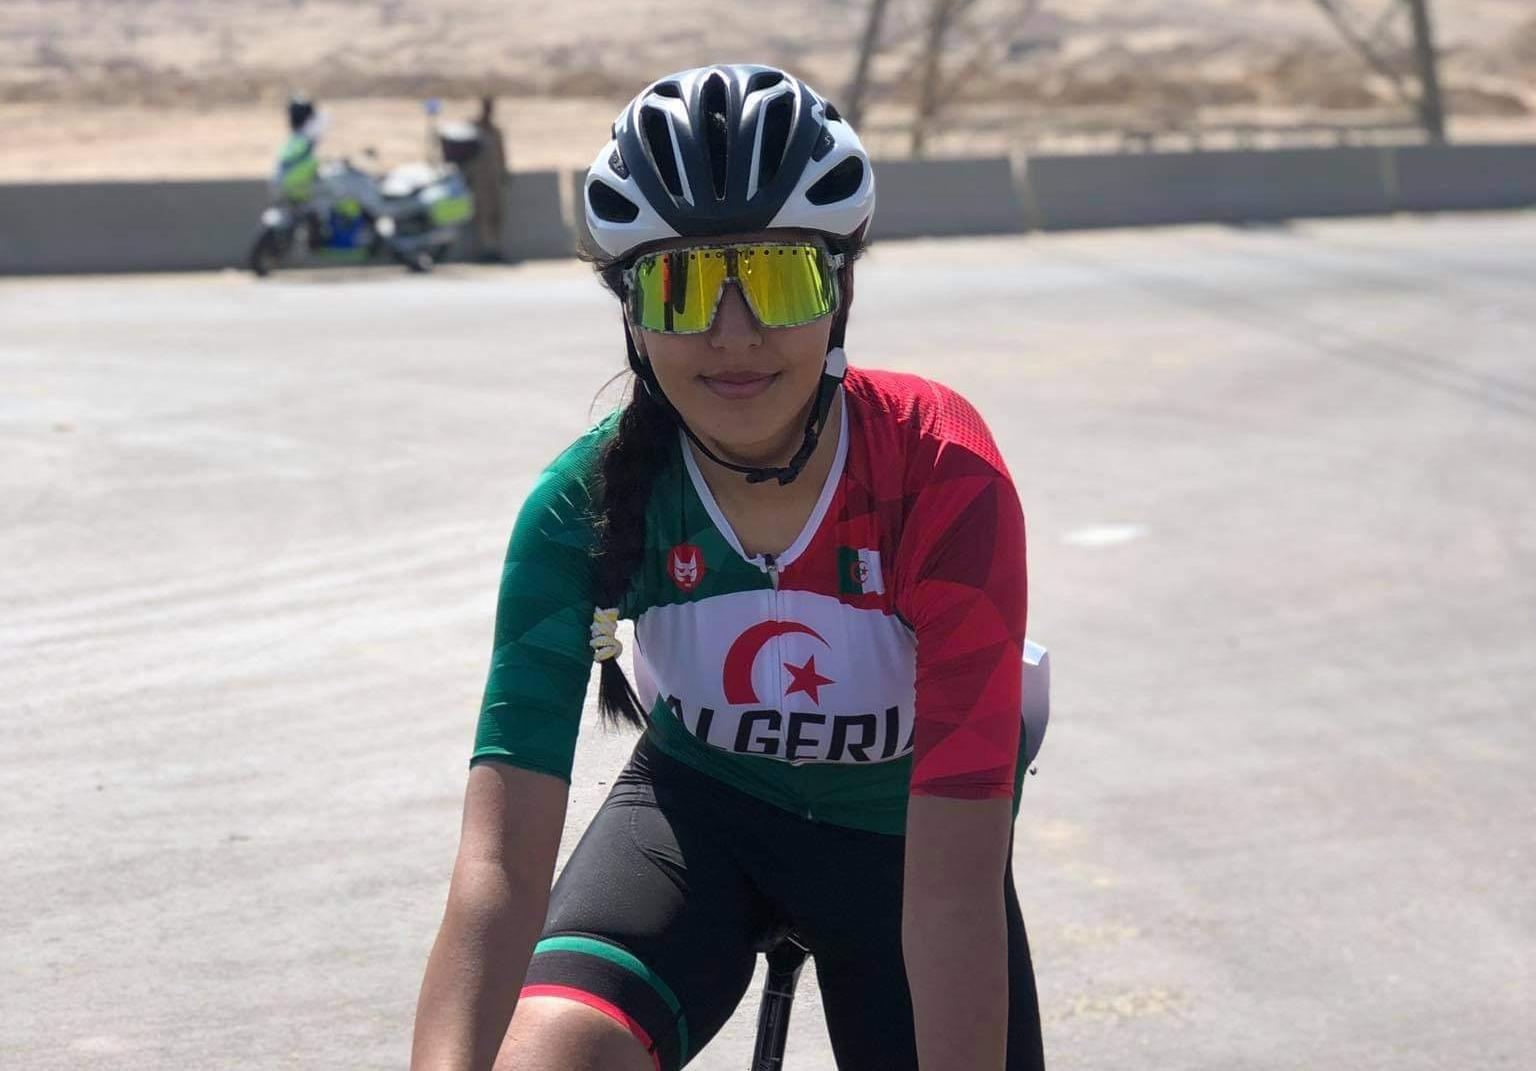 البطولة الإفريقية لدراجات على الطريق: حويلي تضيف ميدالية برونزية للجزائر في اليوم الثالث